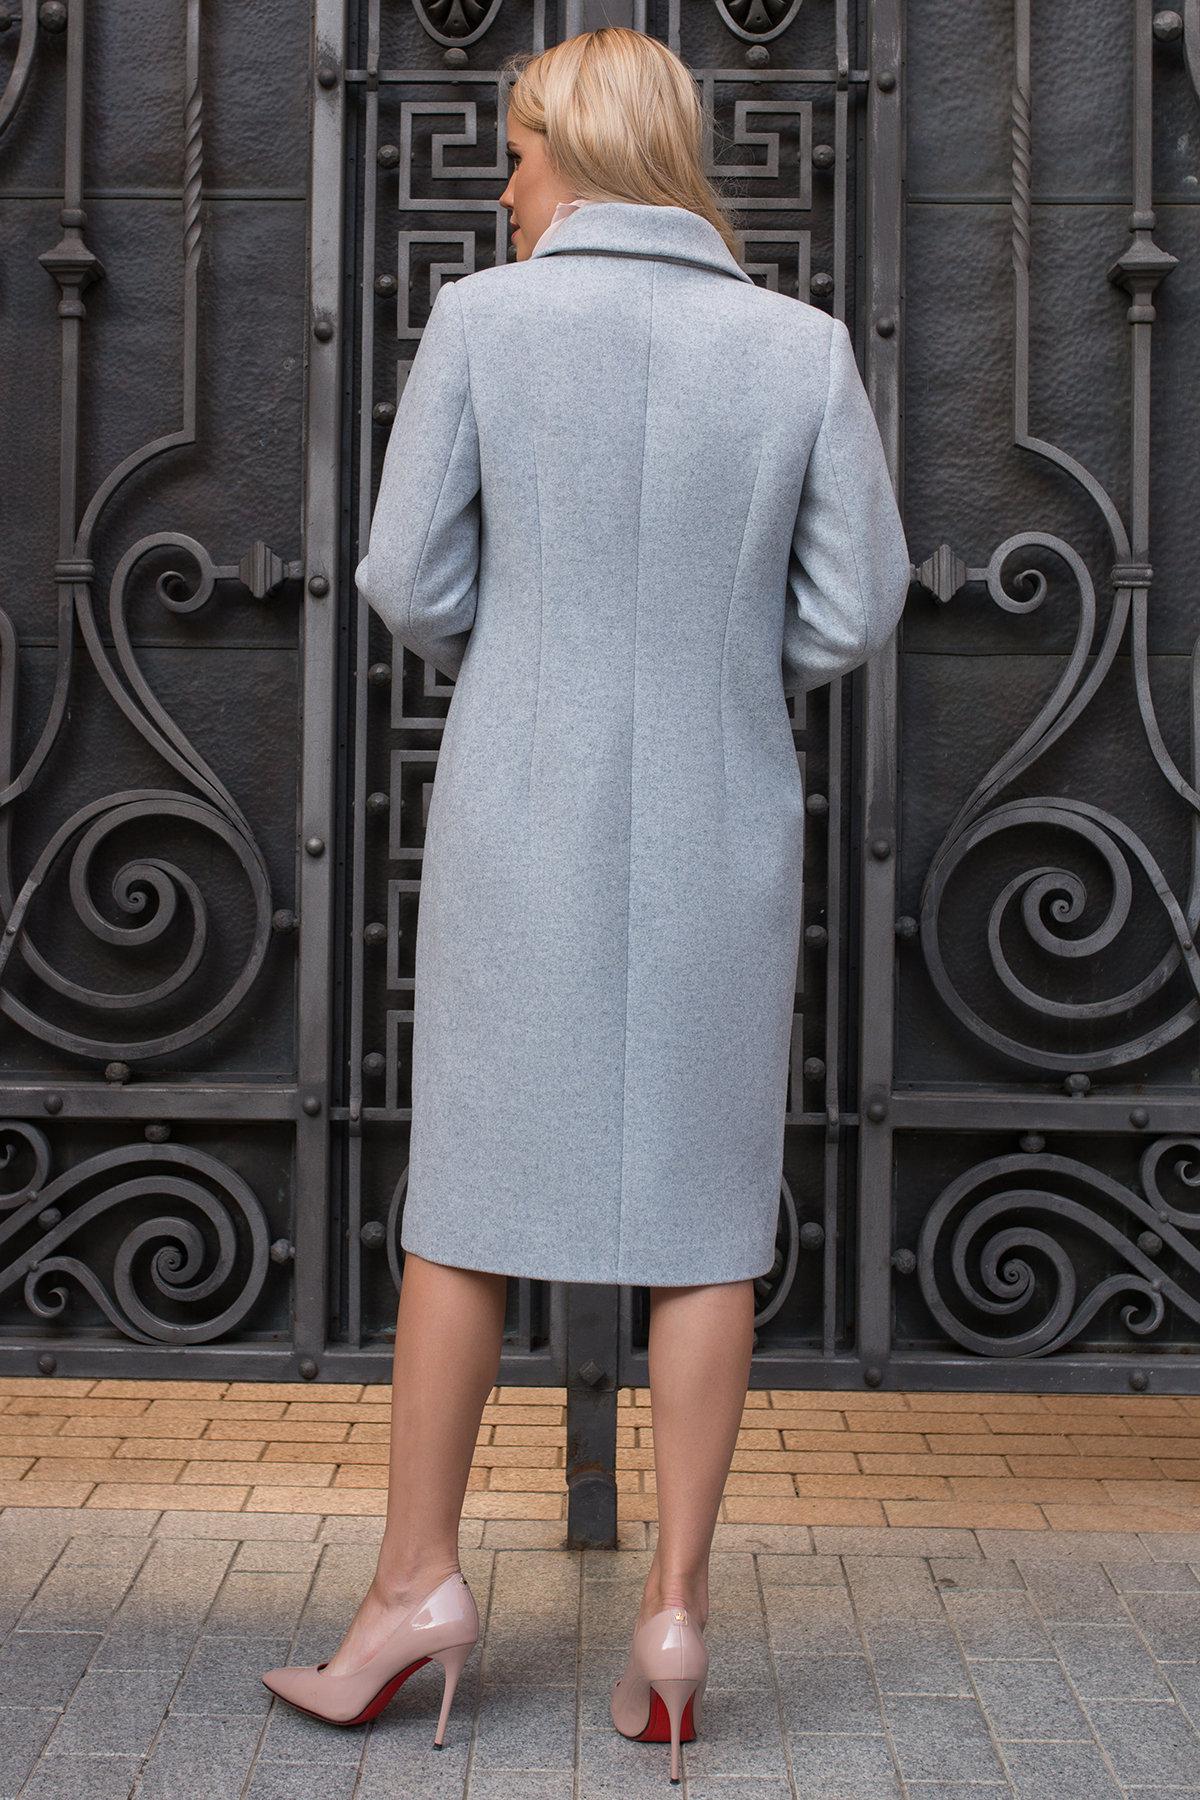 Демисезонное пальто ниже колена Кареро 7972 Цвет: Серый Светлый 33